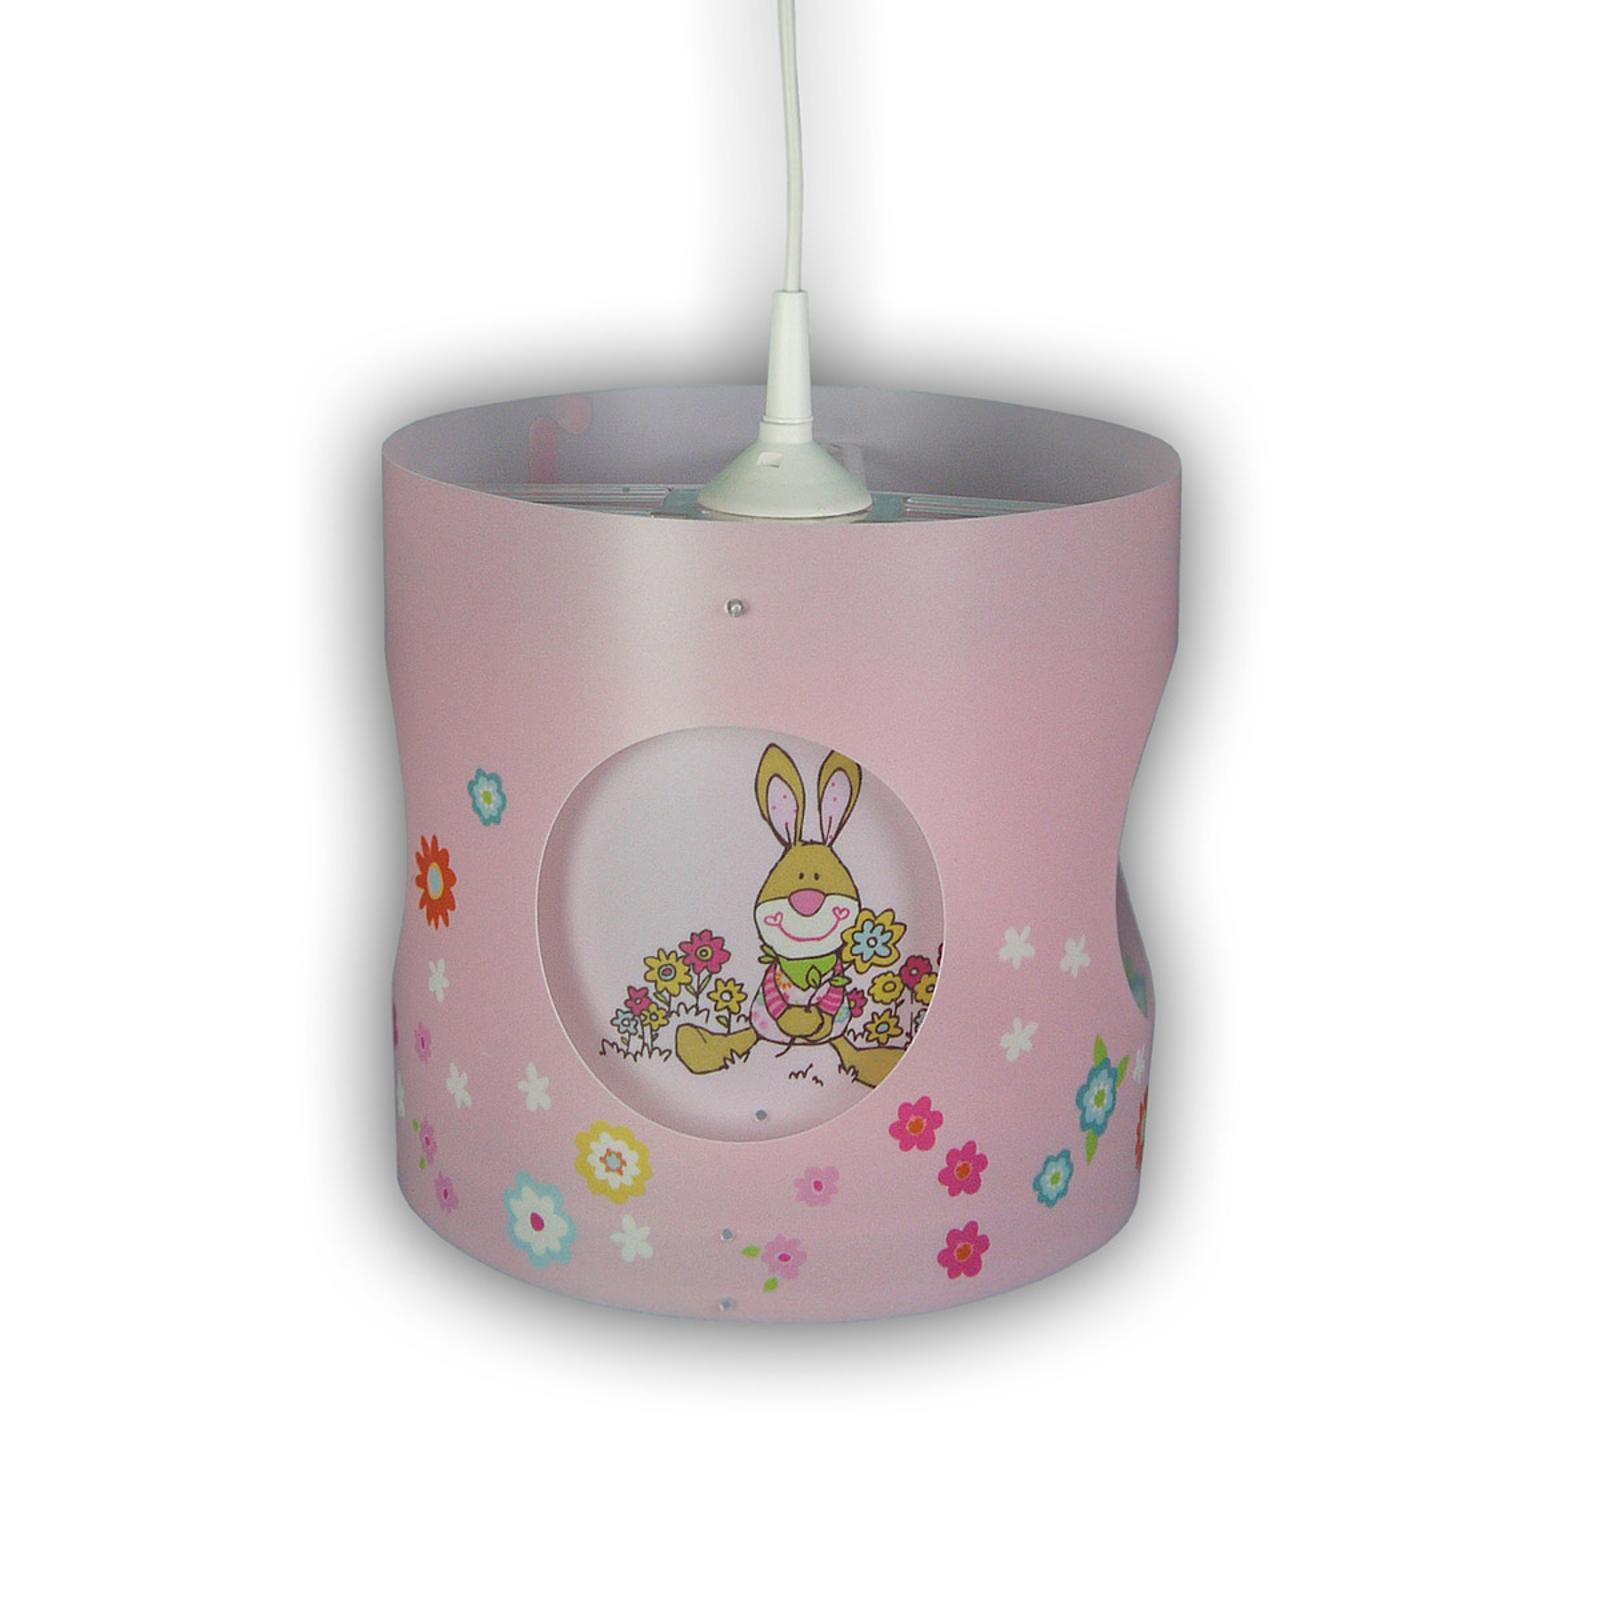 Bungee Bunny Kinderzimmer-Hängeleuchte, drehend